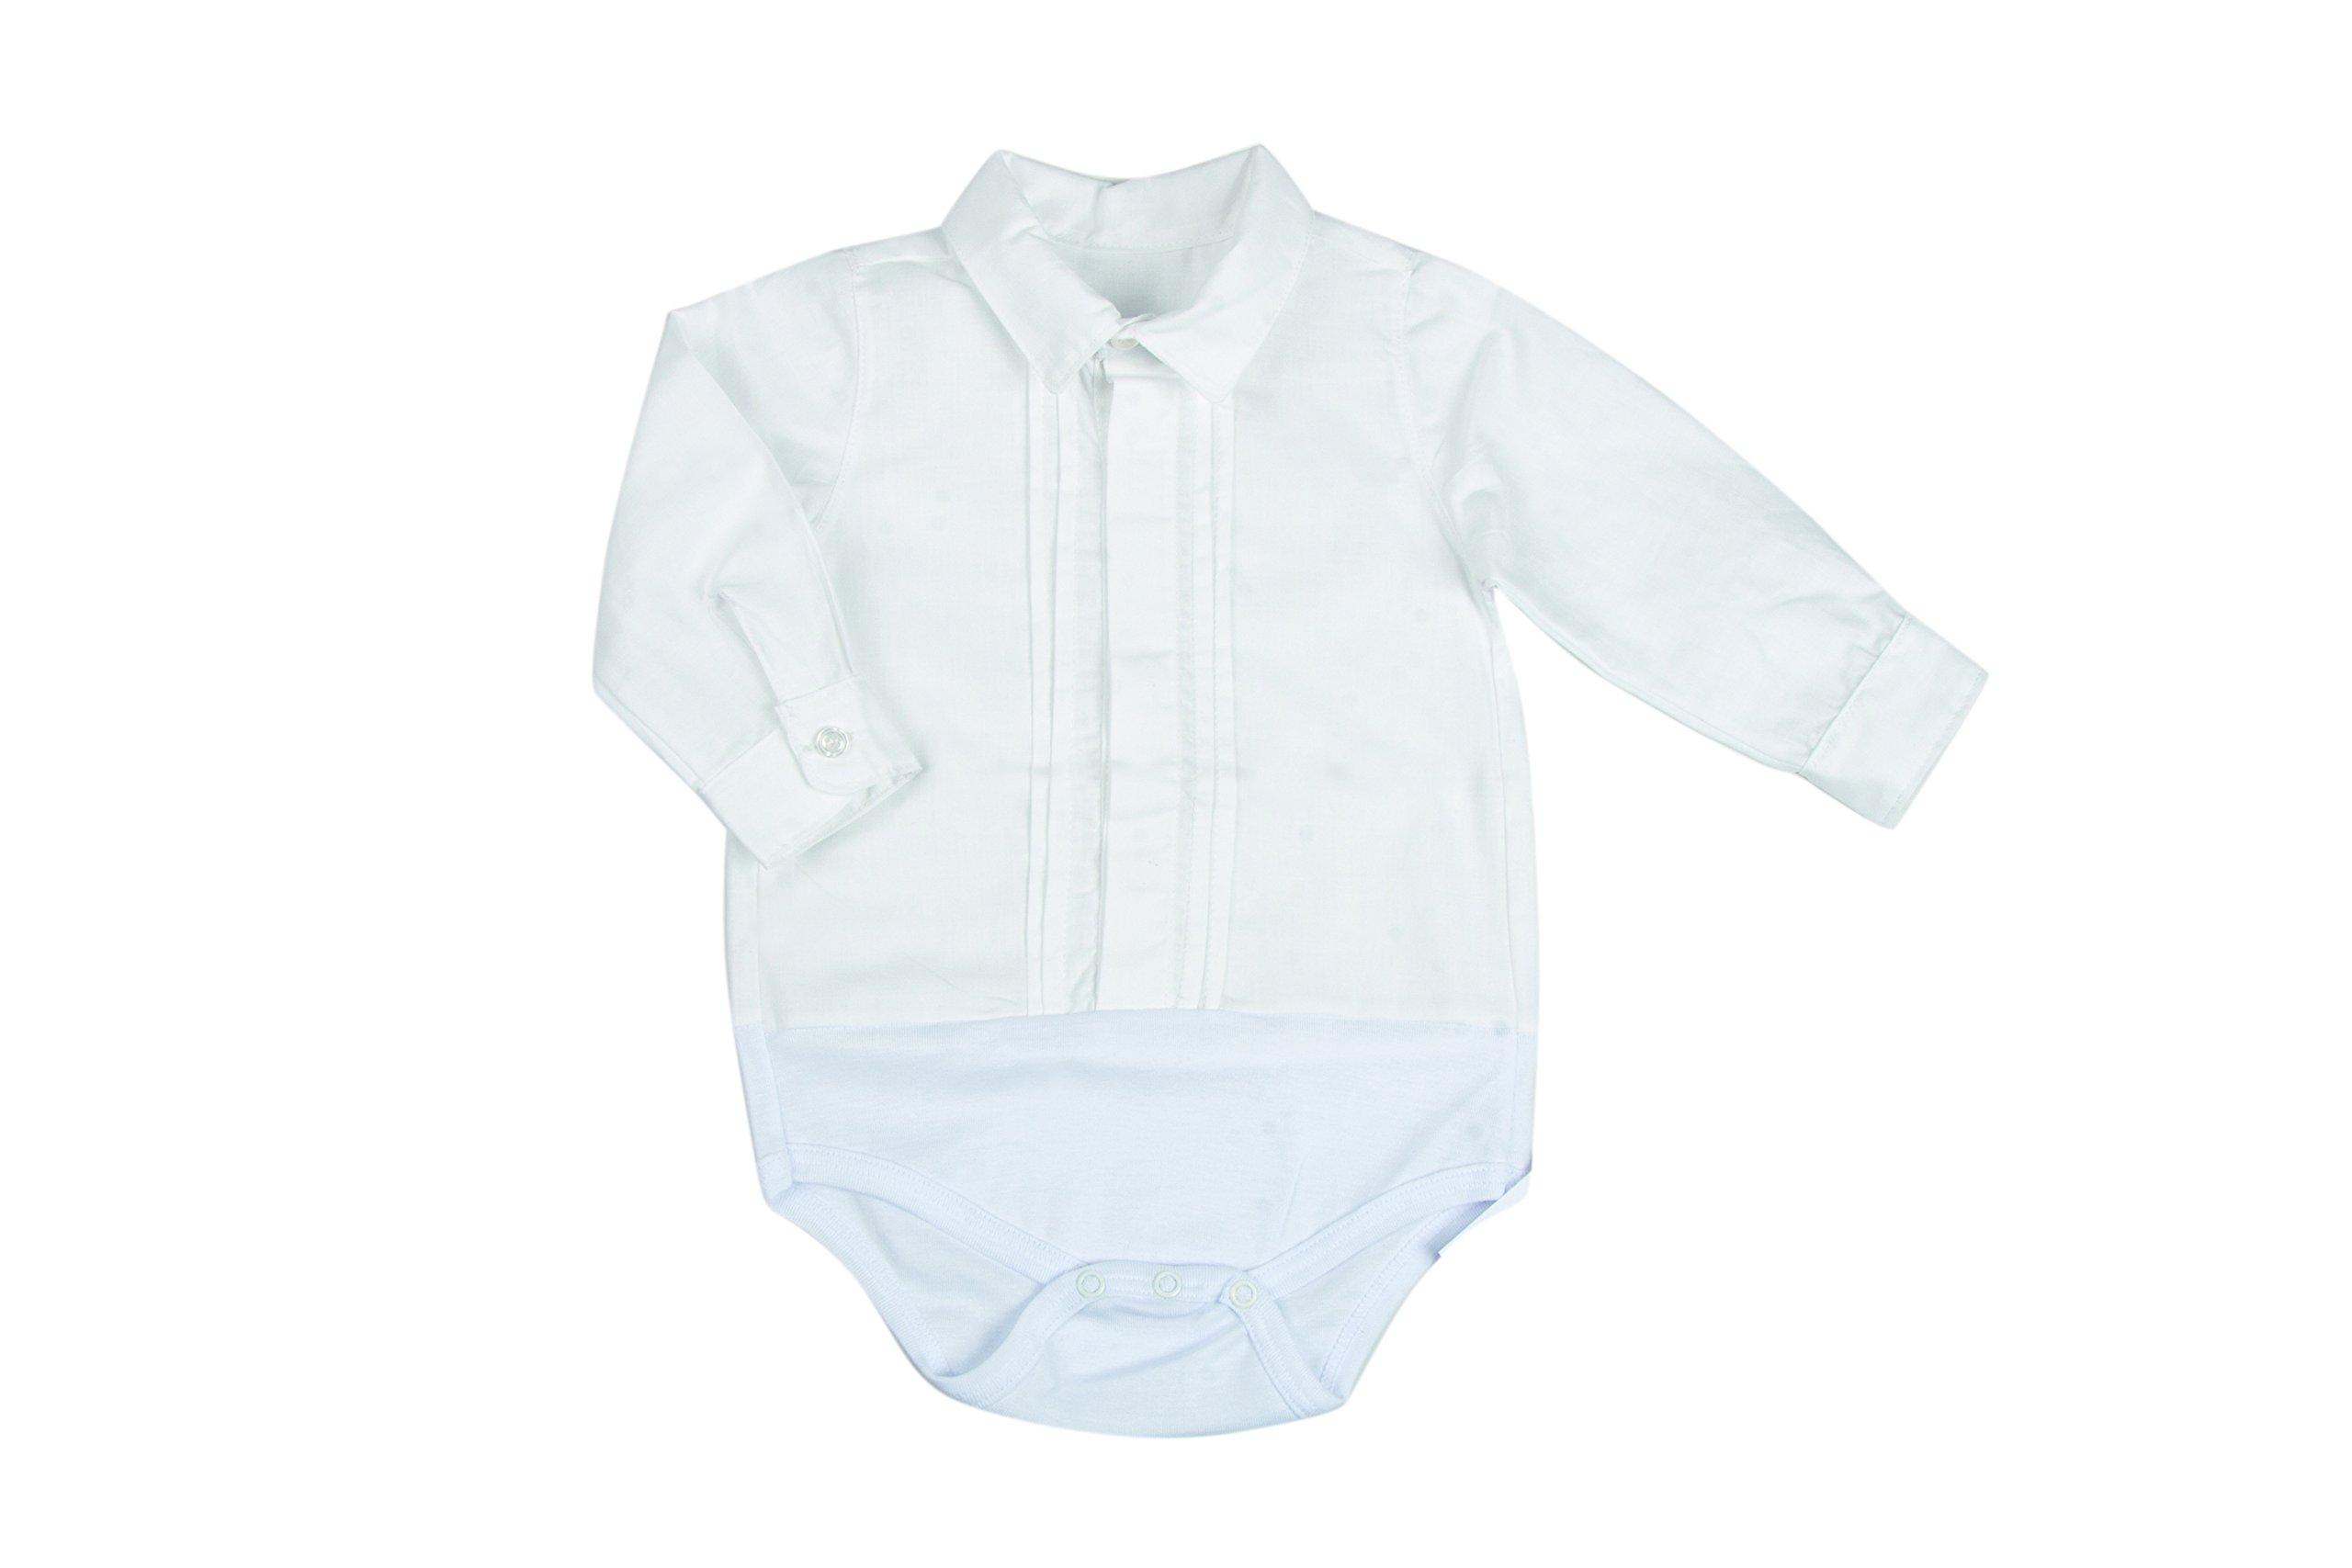 BabyVip – Body para niño, Estilo Abotonado, 100% algodón, Tejido Acanalado